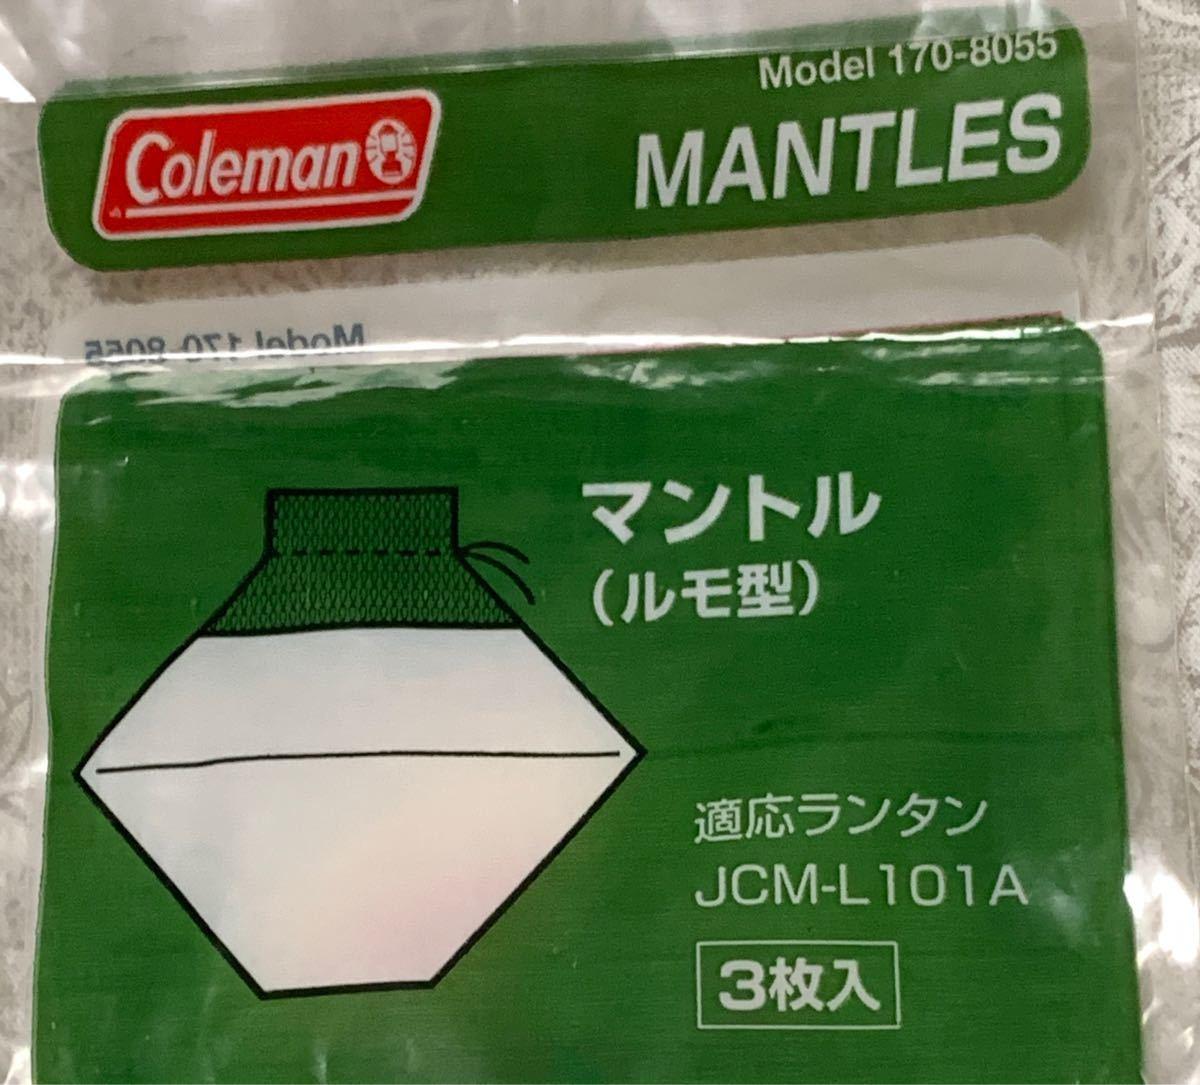 コールマン(Coleman) マントル ルモ型 3枚入り 新品未使用